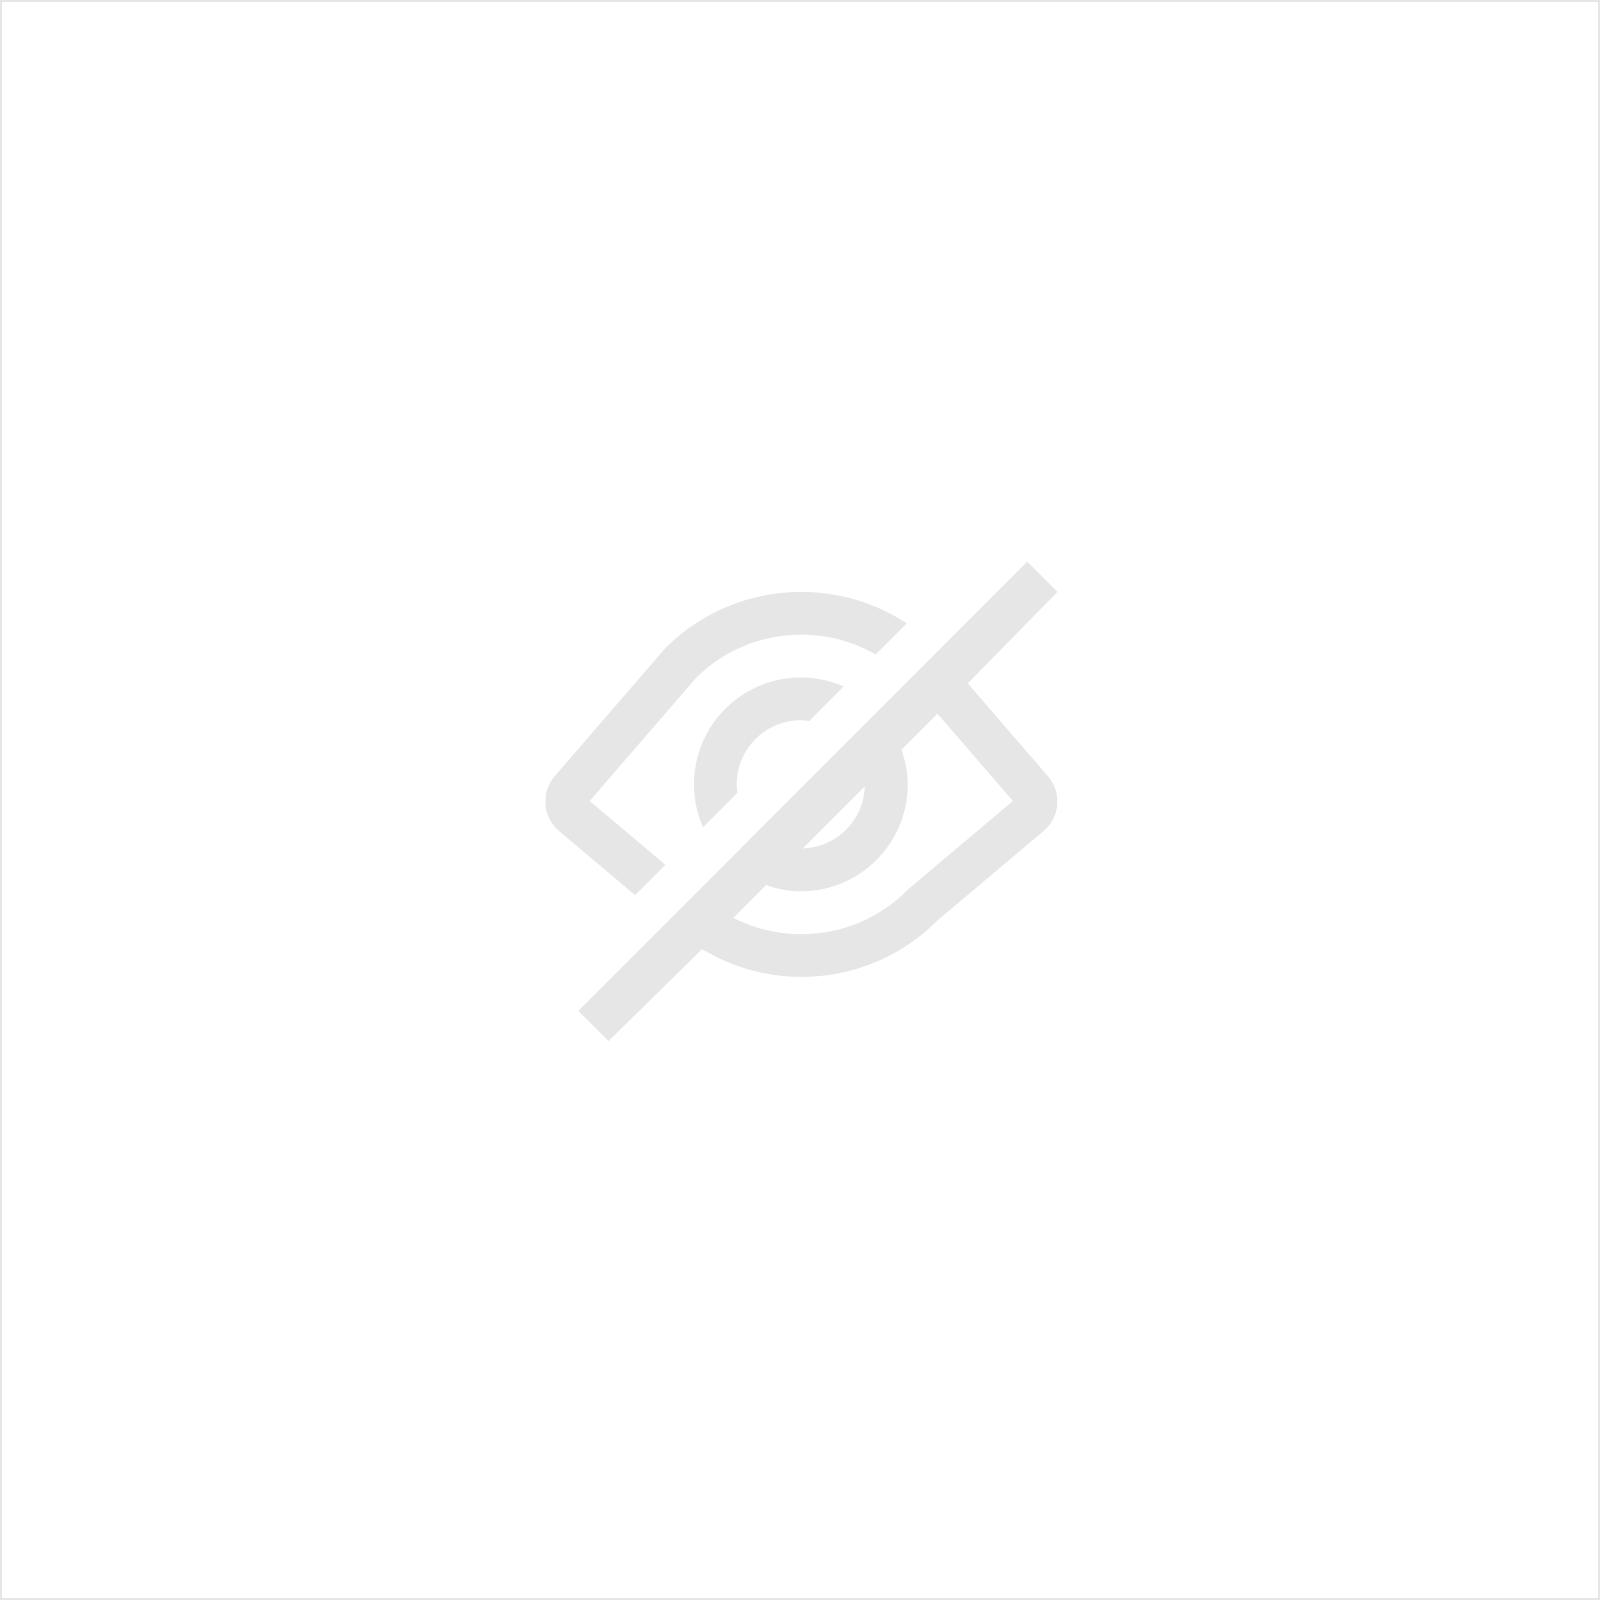 OPTIONEEL ROUND-OVER ROLL SET  VOOR BOORD EN LIJSTMACHINE